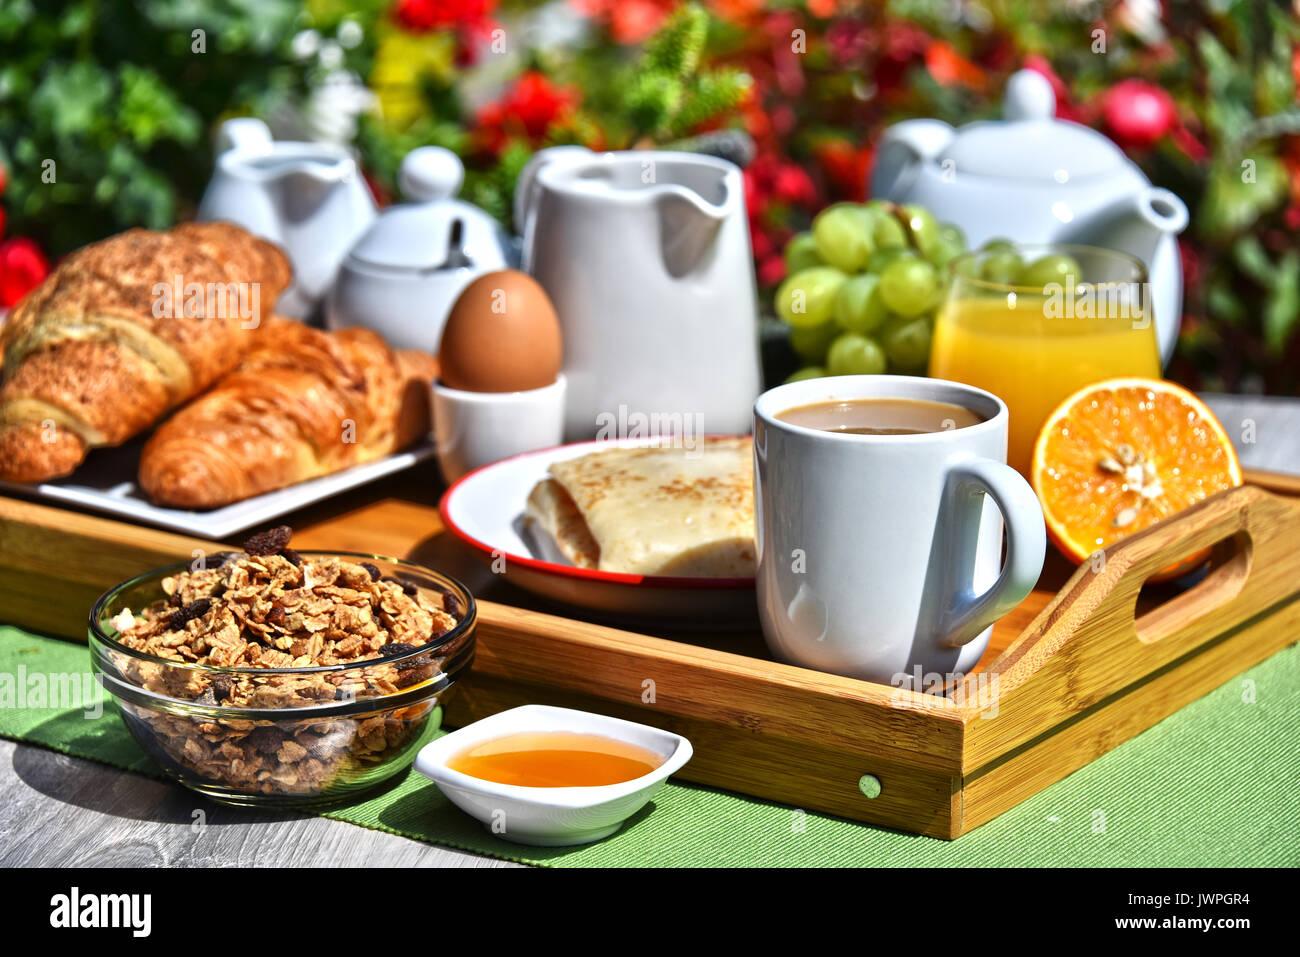 fr hst ck serviert mit kaffee orangensaft croissants m sli und obst im garten stockfoto bild. Black Bedroom Furniture Sets. Home Design Ideas